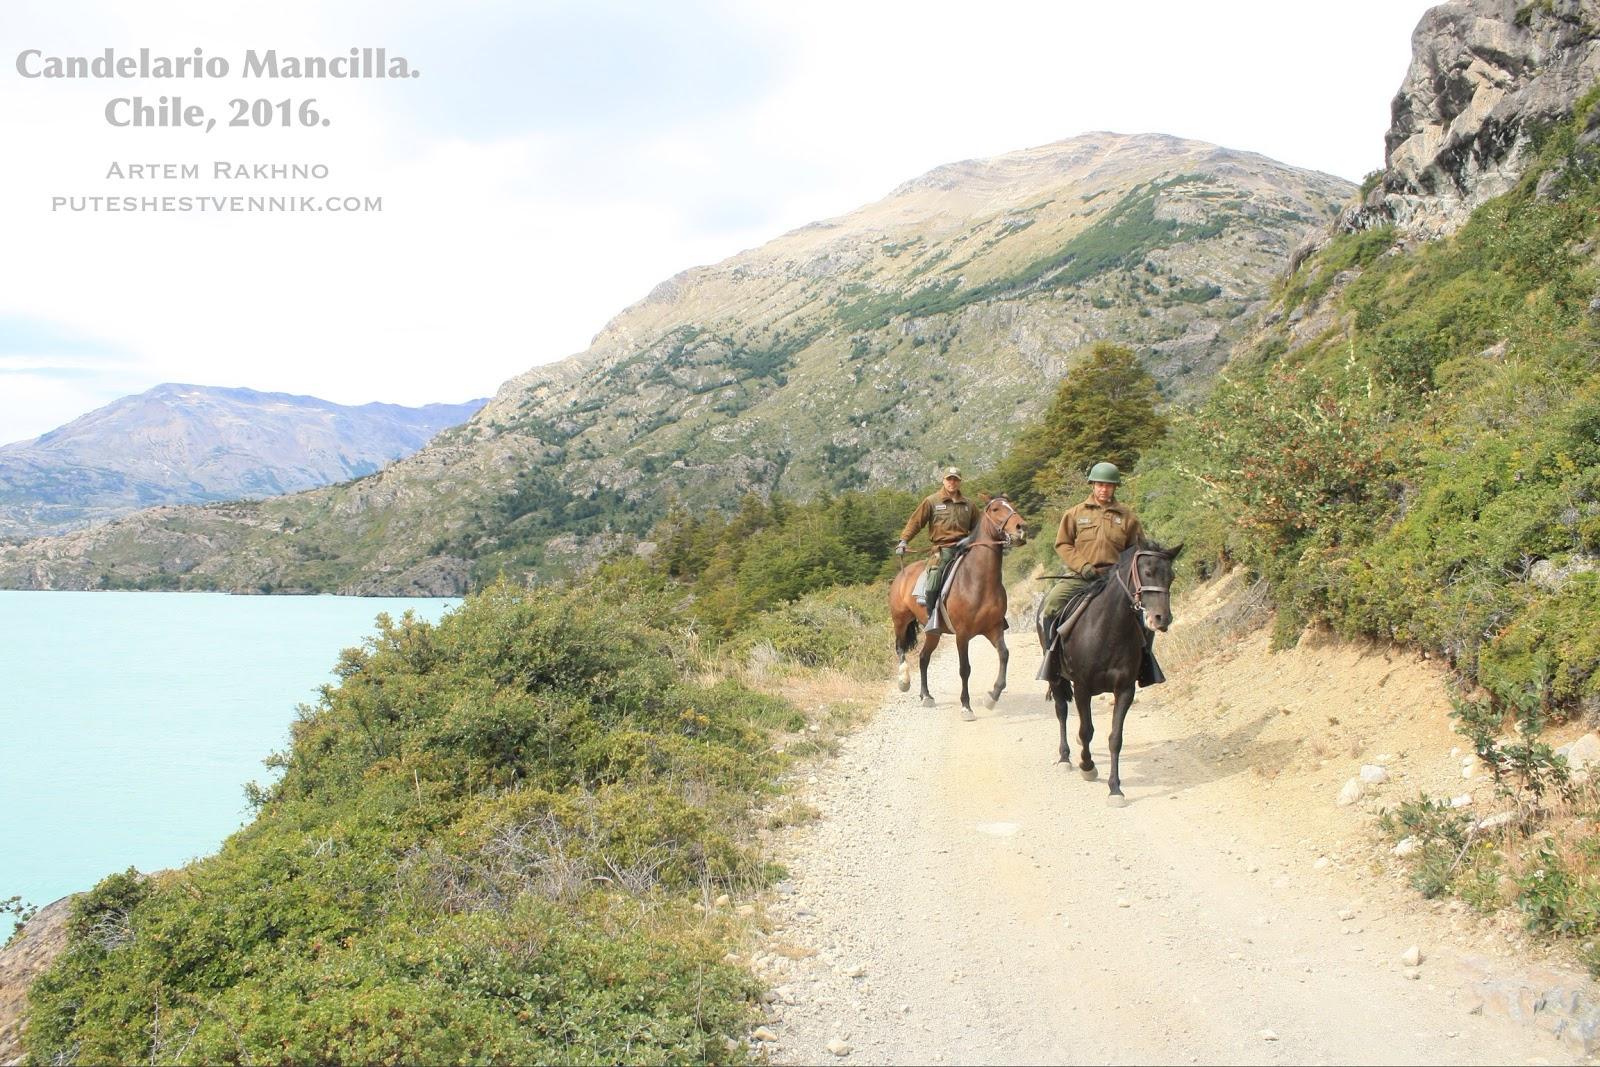 Карабинерос едут на лошадях по дороге